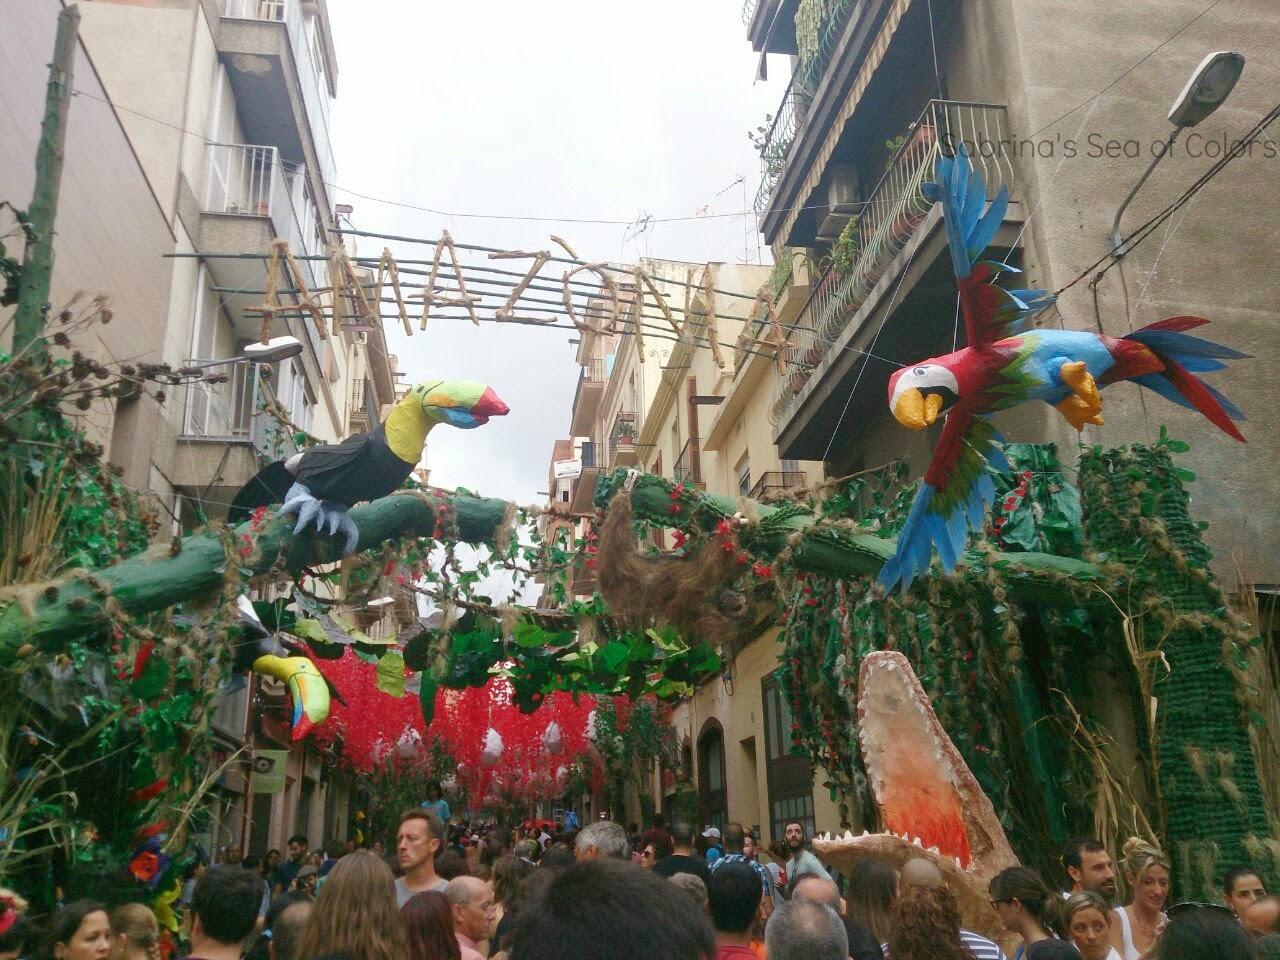 Fiestas de Gracia+Amazonia